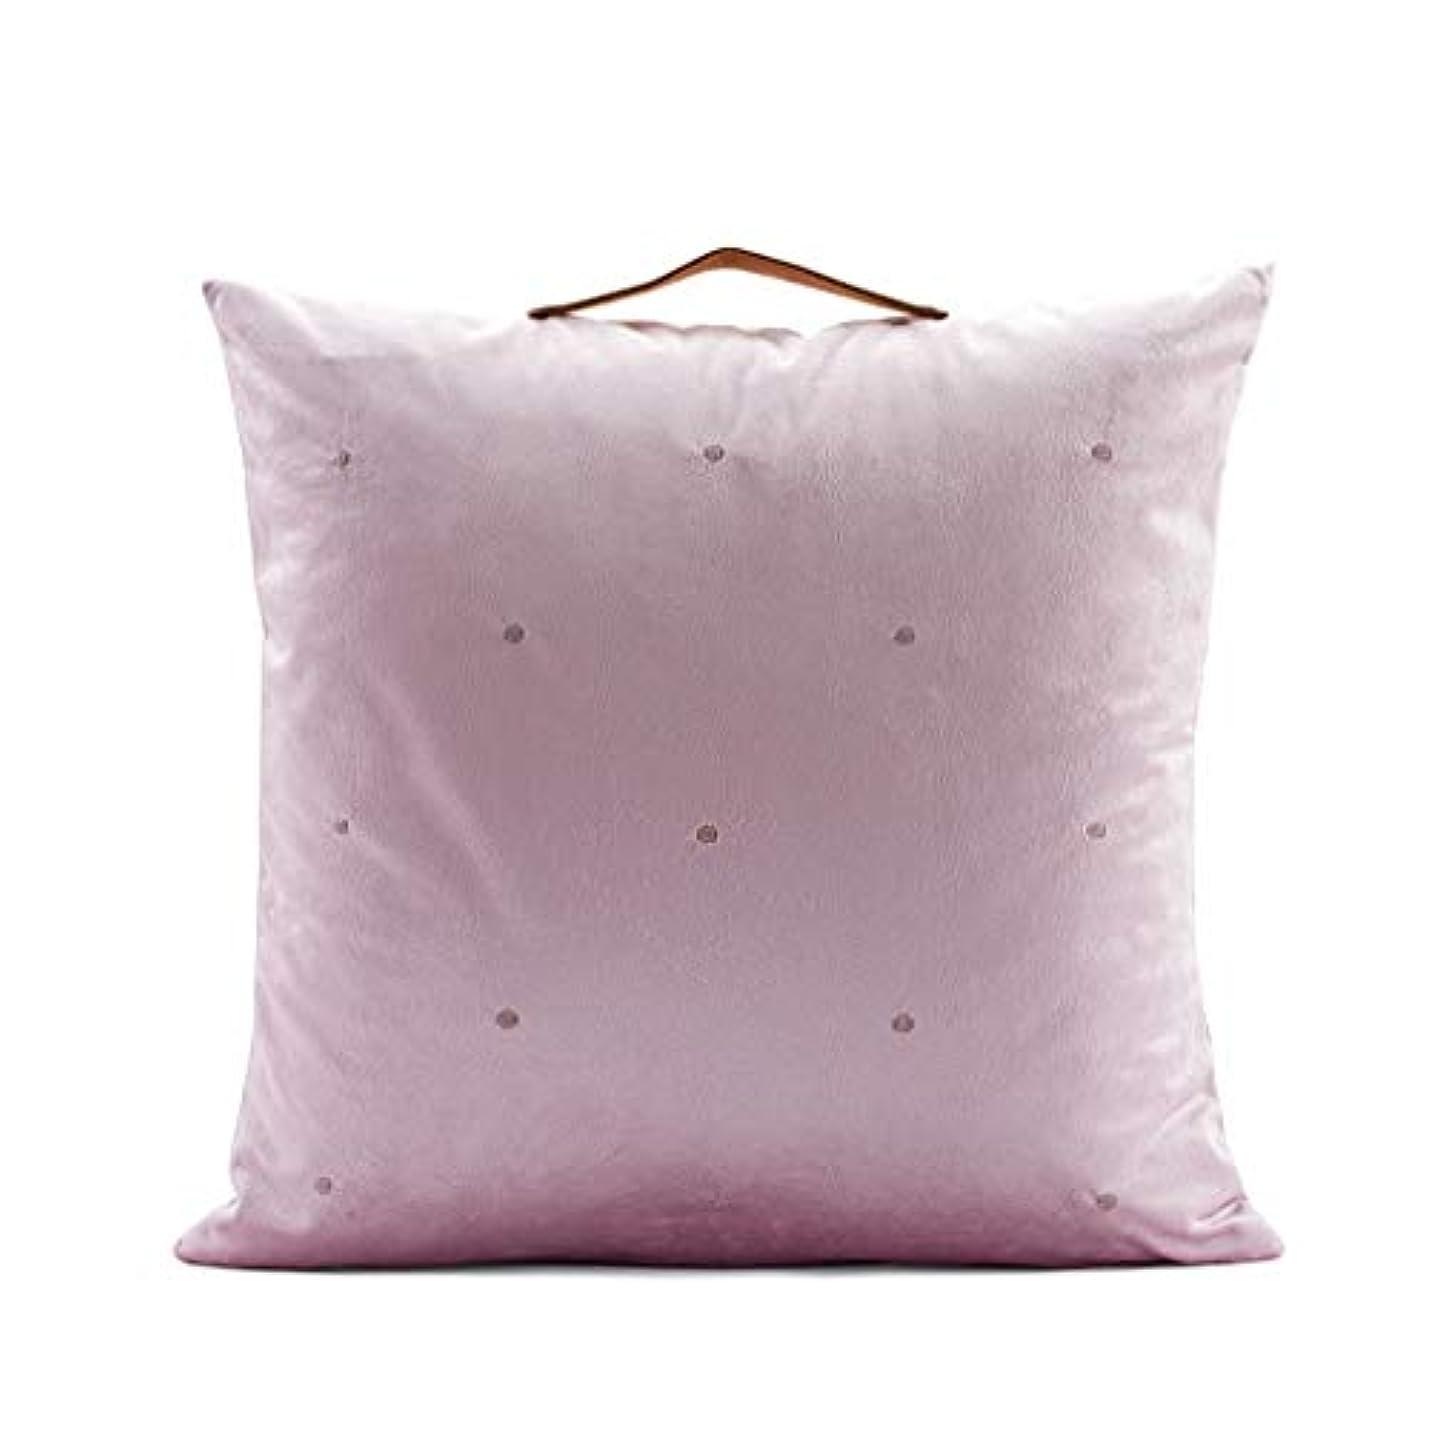 あそこノイズ劣るLIUXIN 刺繍入り枕、正方形のソリッドクッション、イタリア製ベルベット枕カバー45cm×45cm ソファ枕 (色 : A)